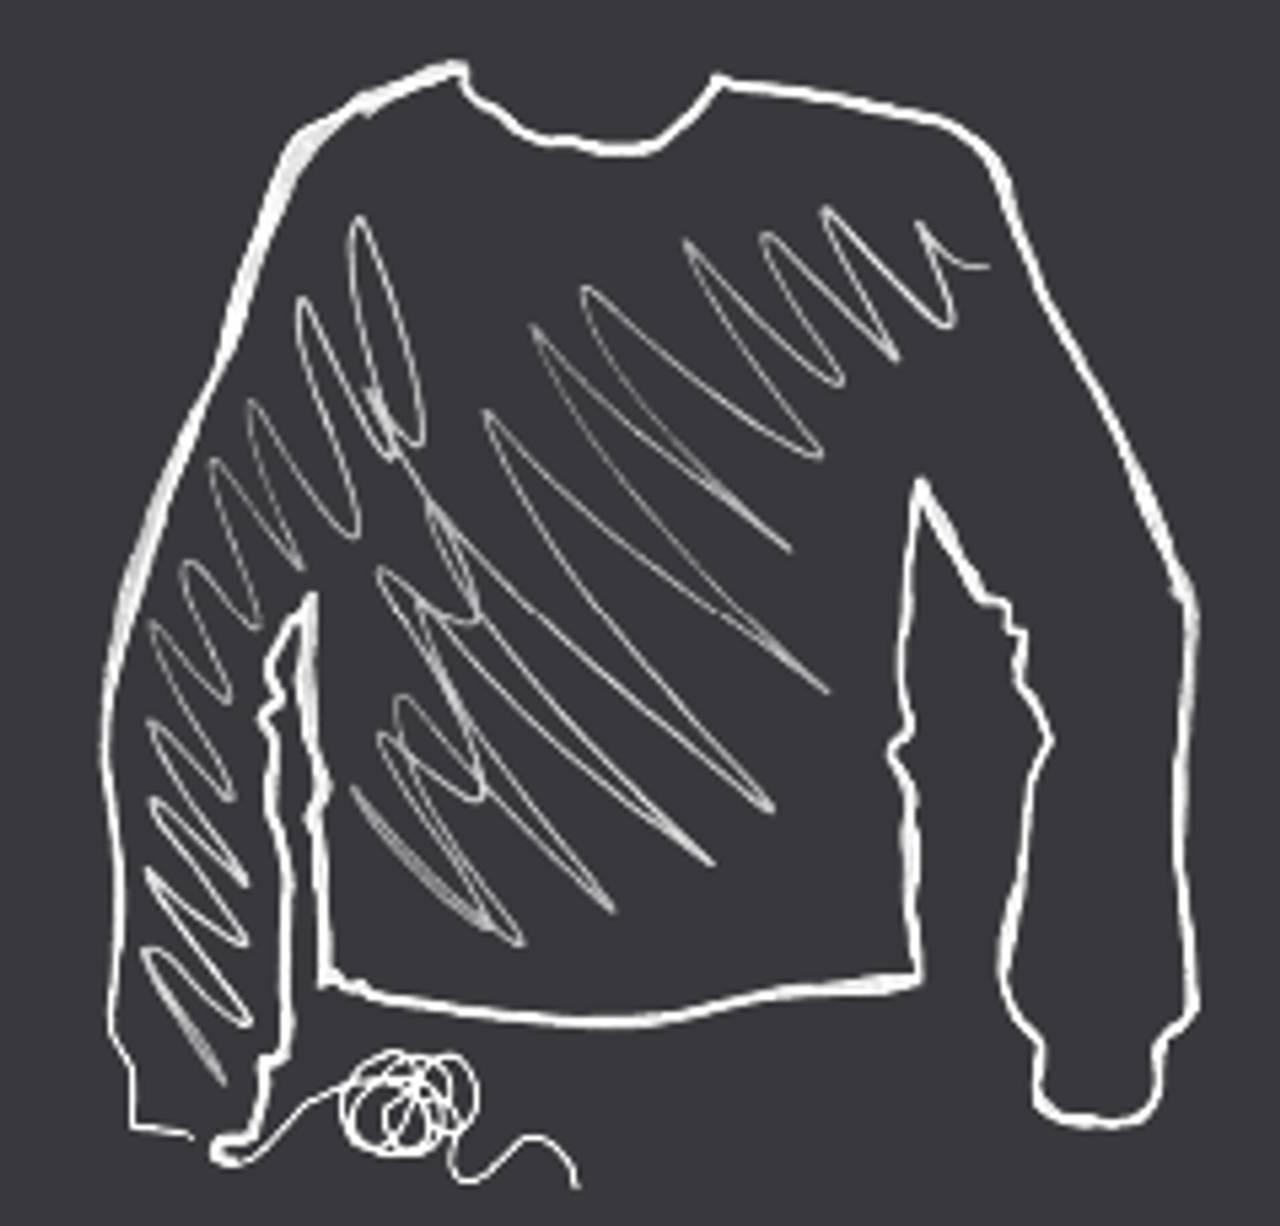 Illustrasjon av en genser